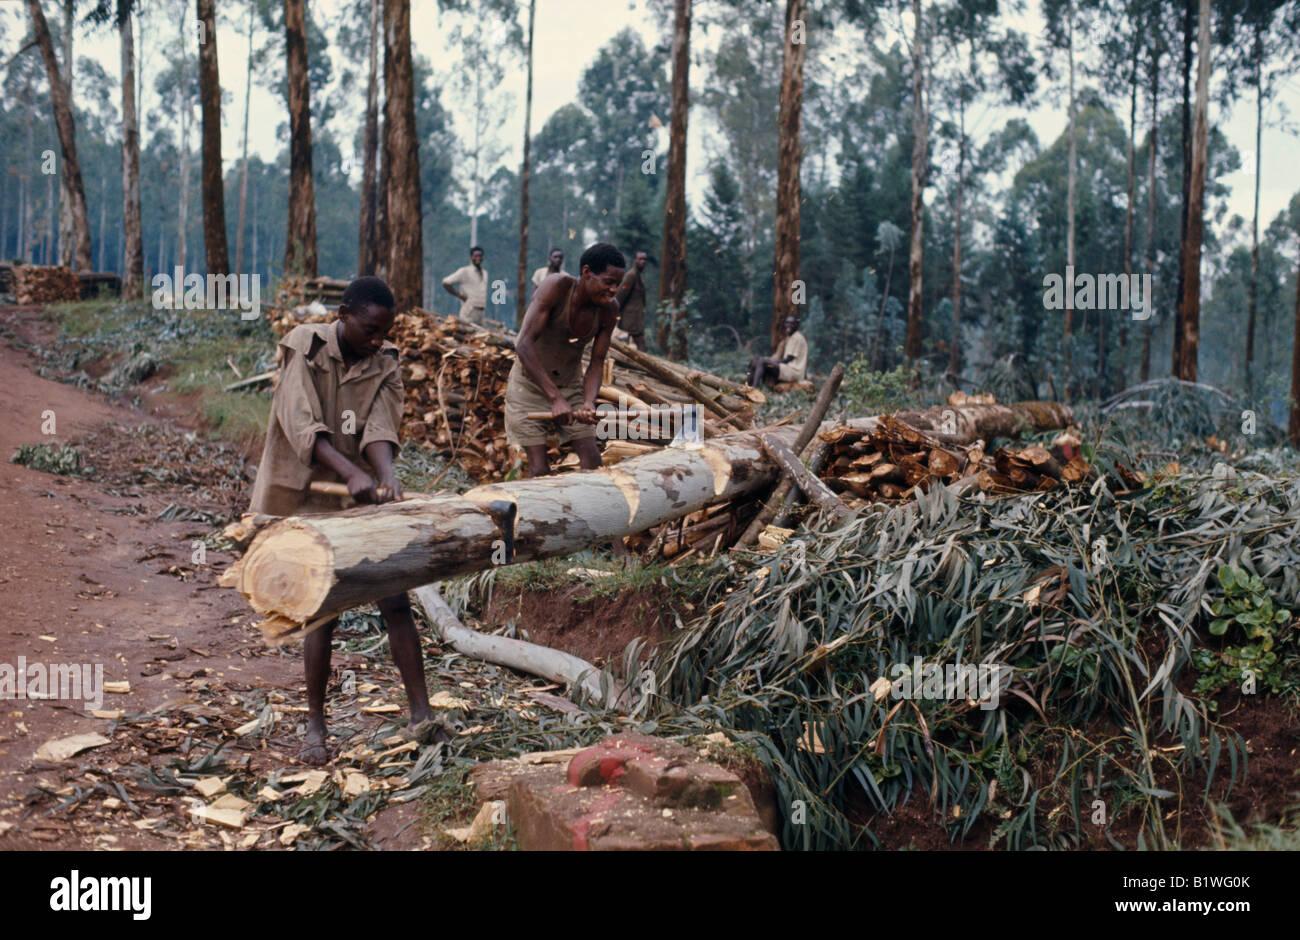 Ruanda Africa centro-orientale ambiente deforestazione abbattimento degli alberi di uomini di tagliare gli alberi Immagini Stock